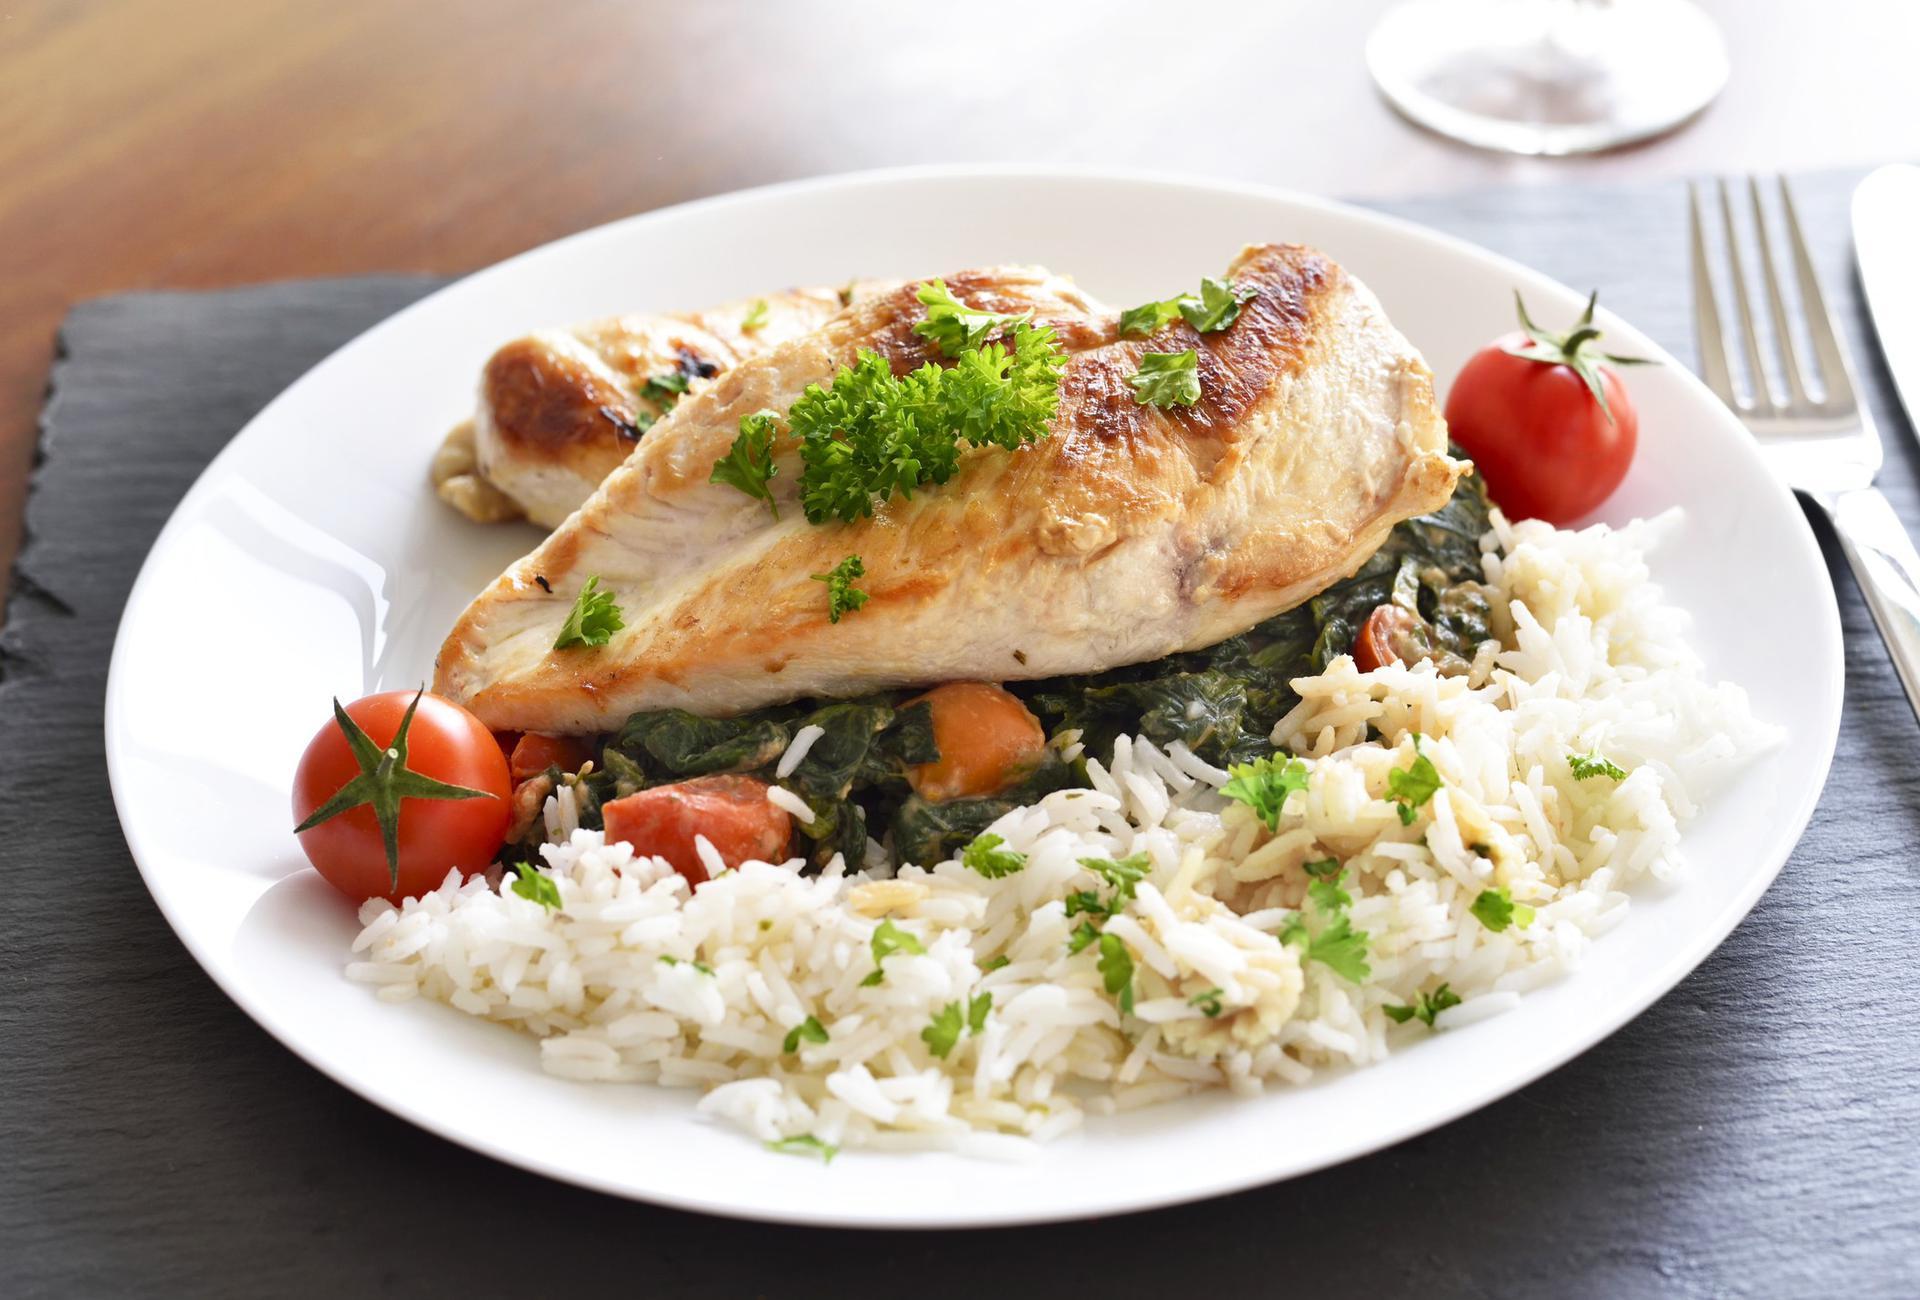 Dietetyczny Obiad 5 Szybkich Przepisów Poradnikzdrowiepl